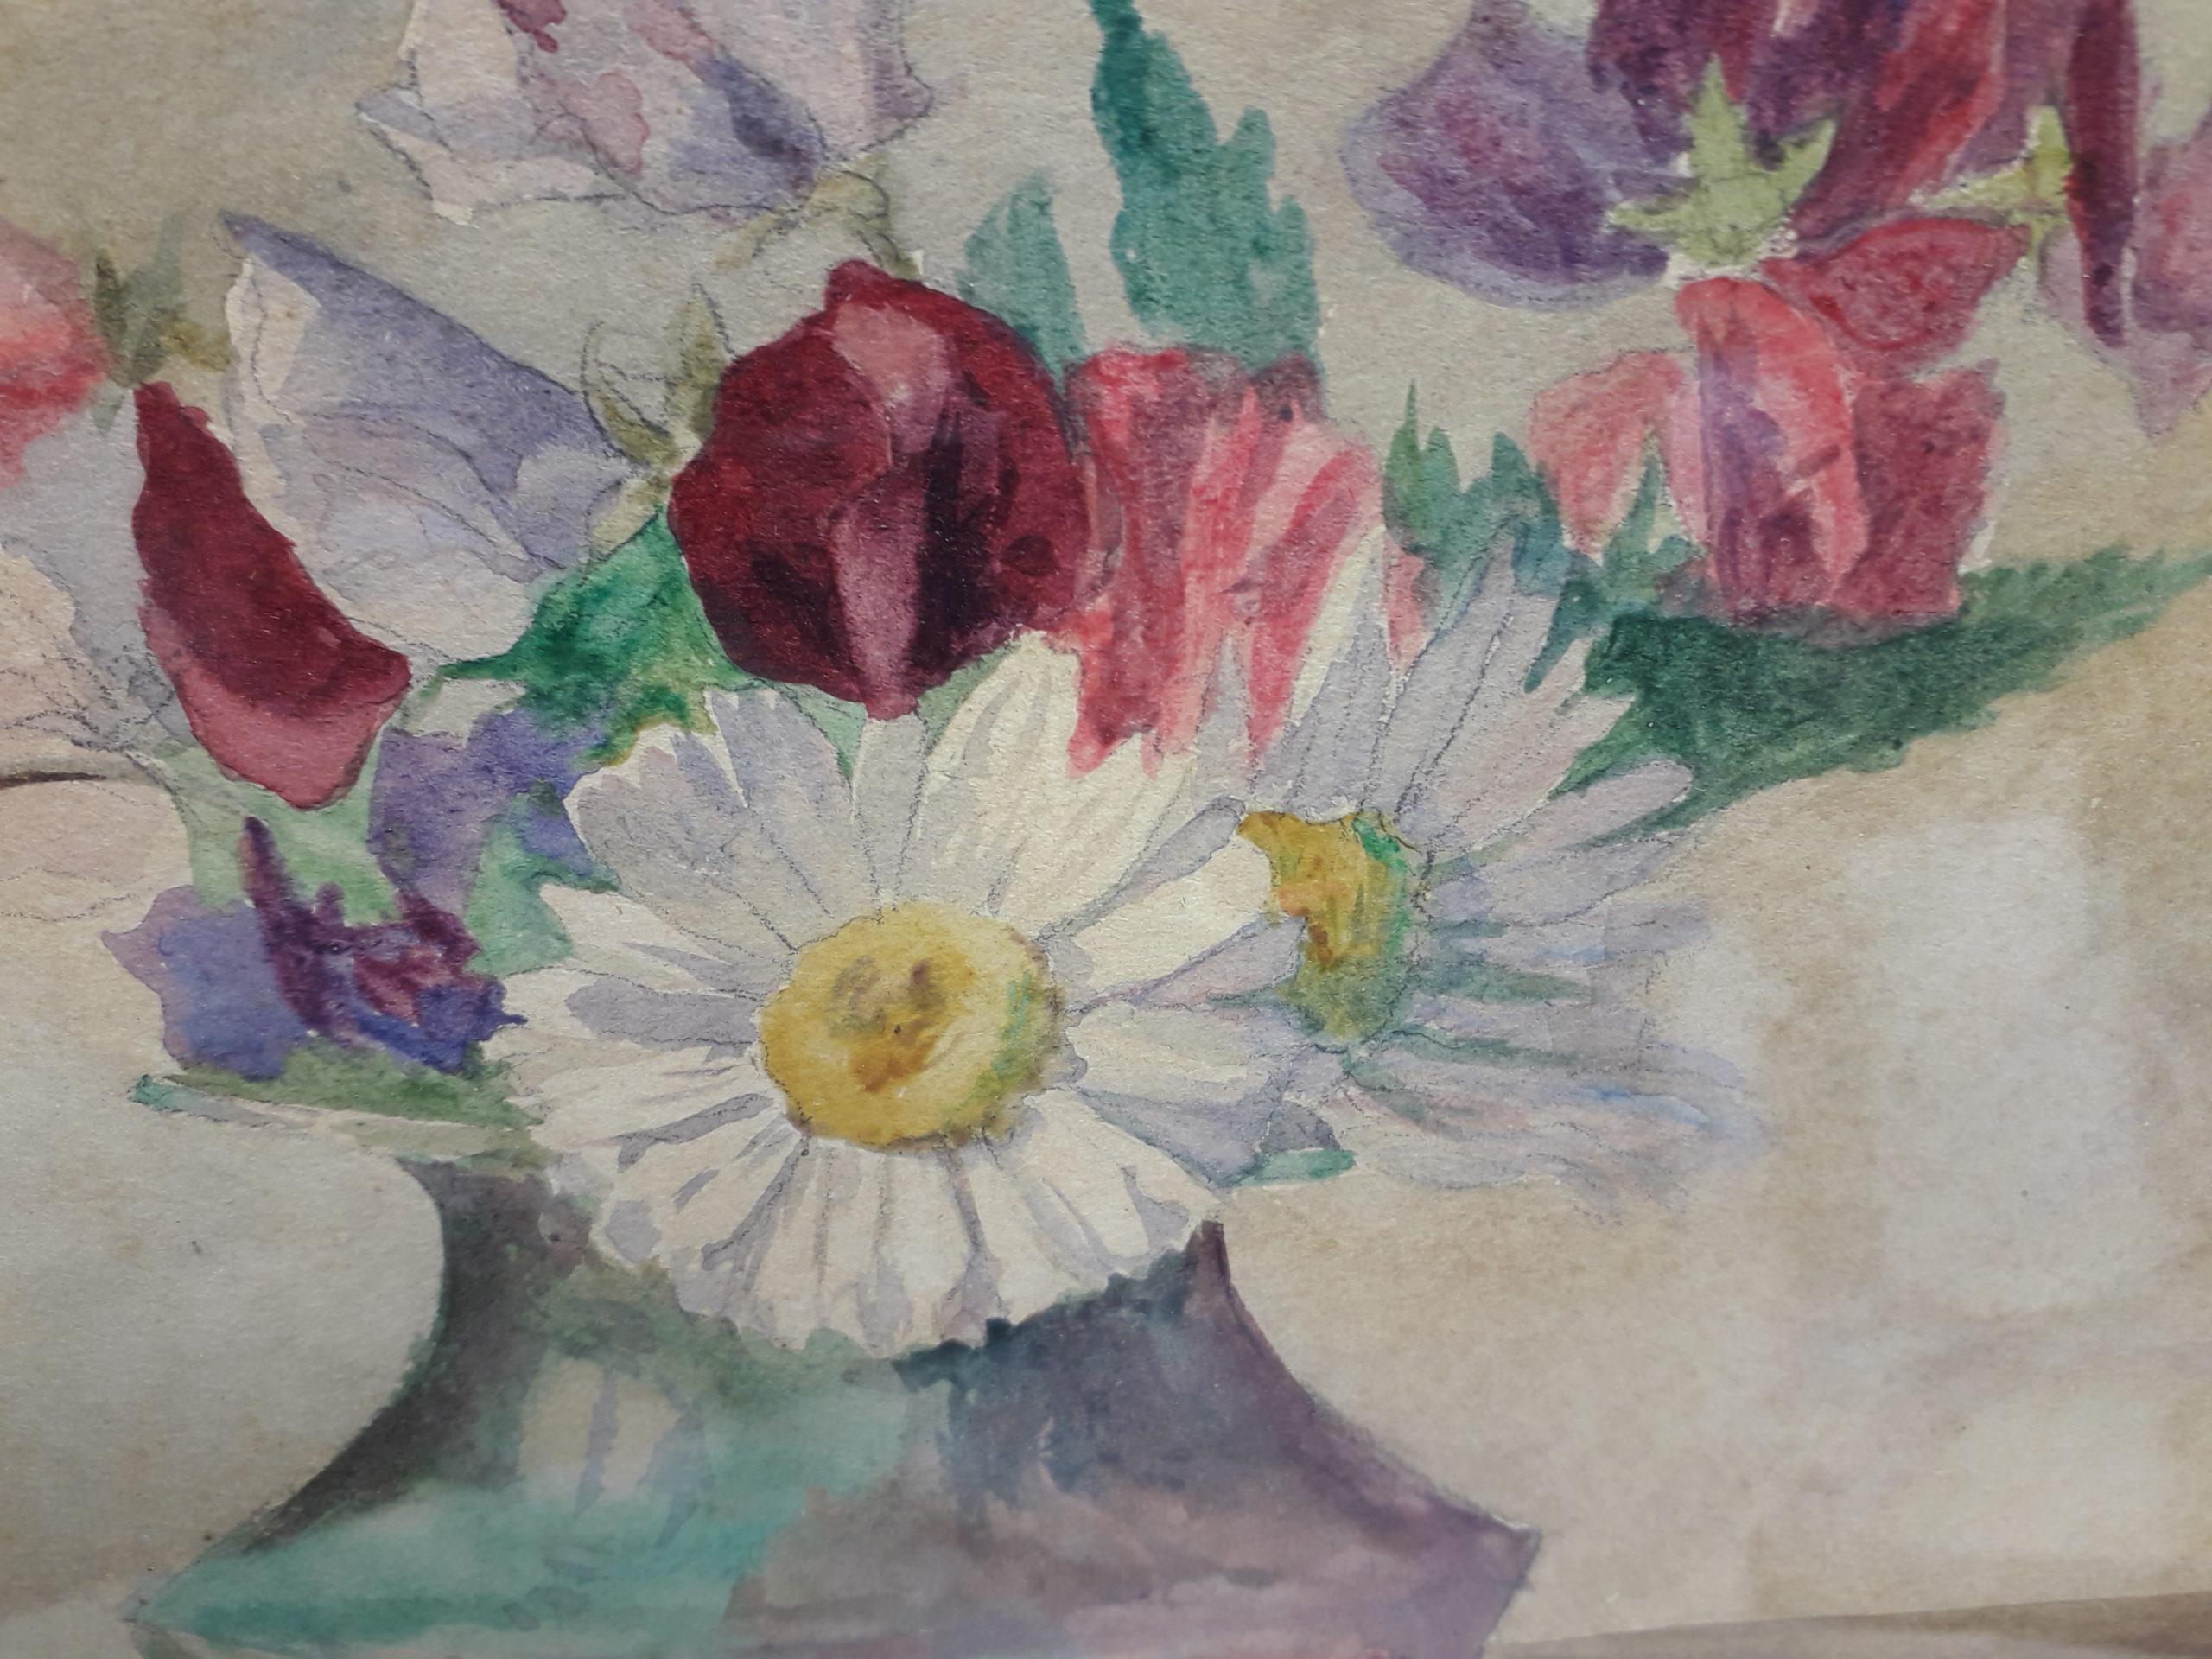 Guerin-charvet-renee-bouquet-de-marguerites-et-pois-de-senteur-detail